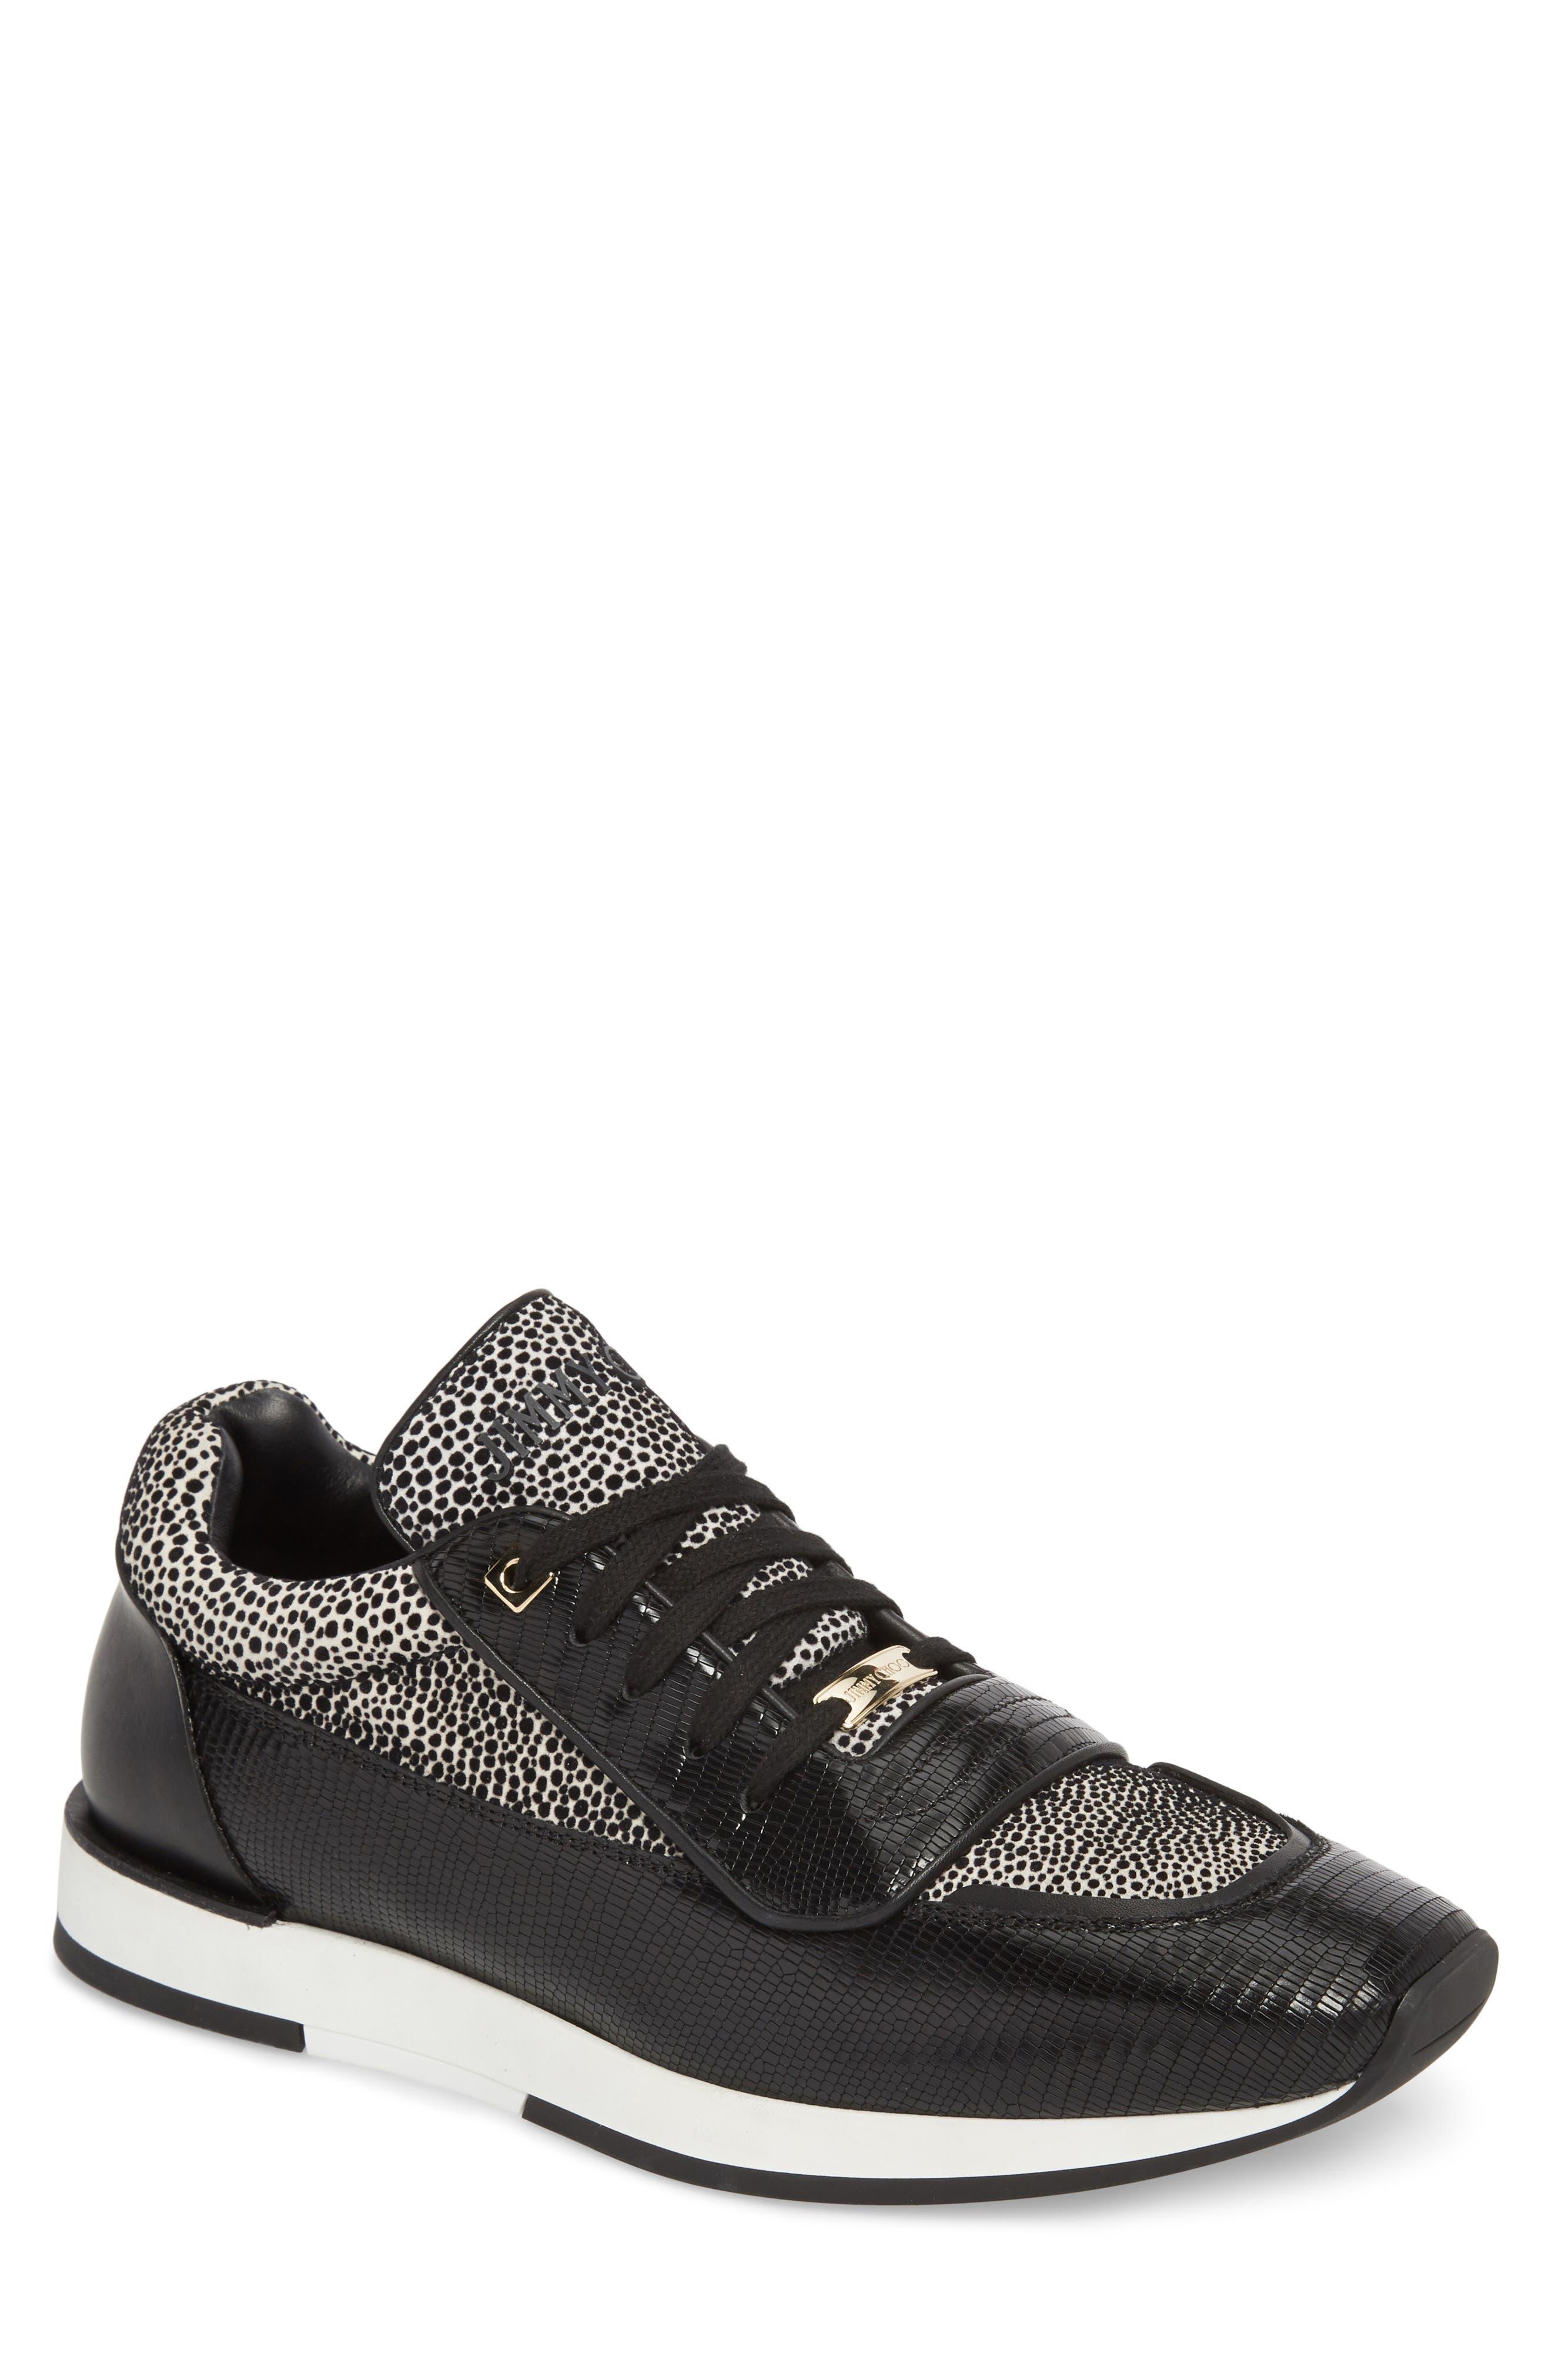 Jett Sneaker,                         Main,                         color, BLACK/ WHITE